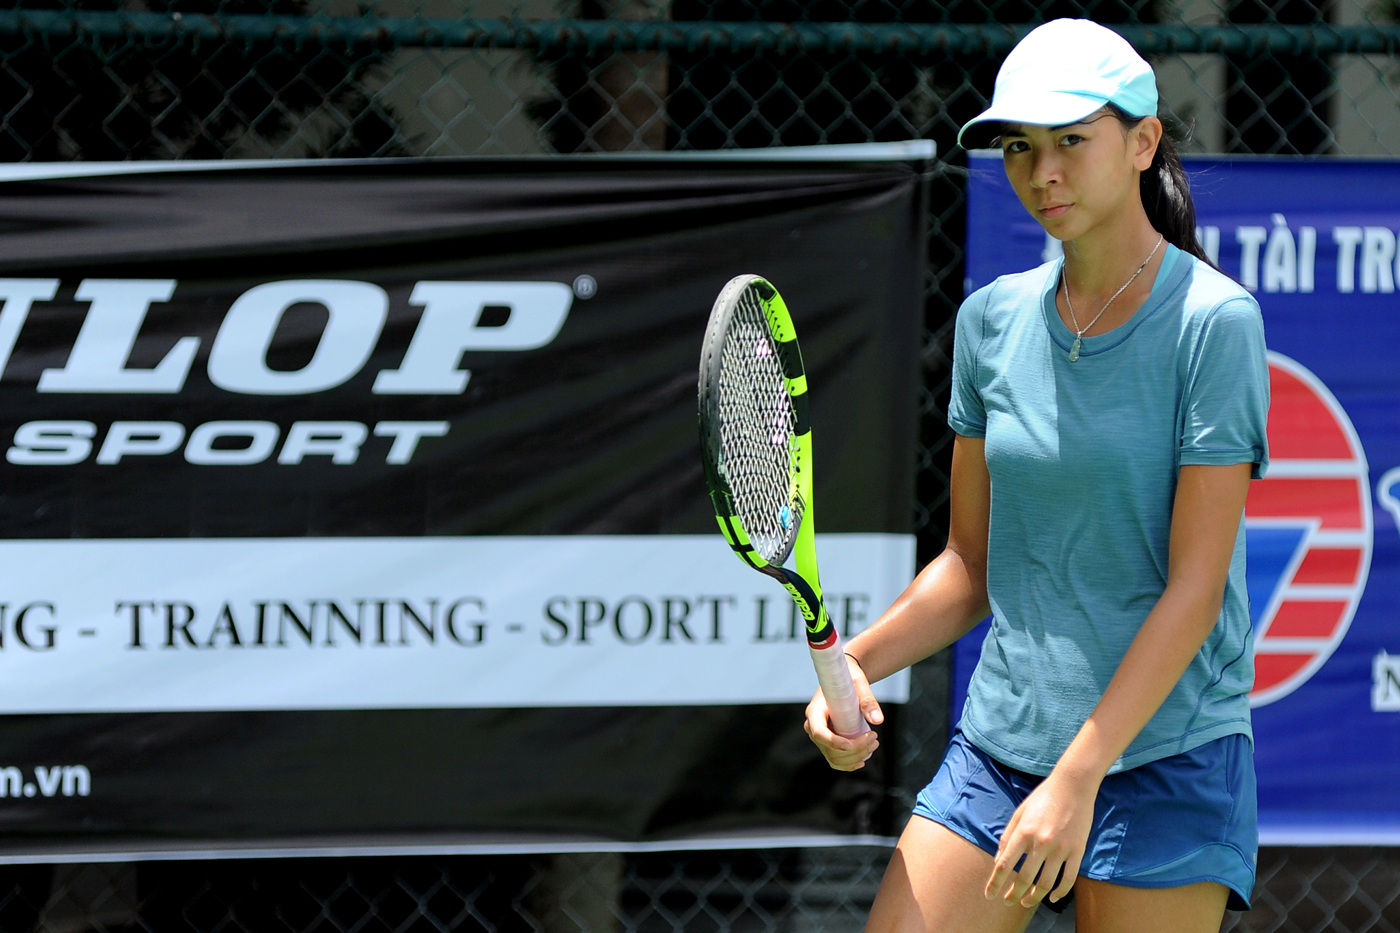 Khởi tranh Giải Quần vợt Vô địch Thanh thiếu niên Toàn quốc – Cúp Vietravel 2018